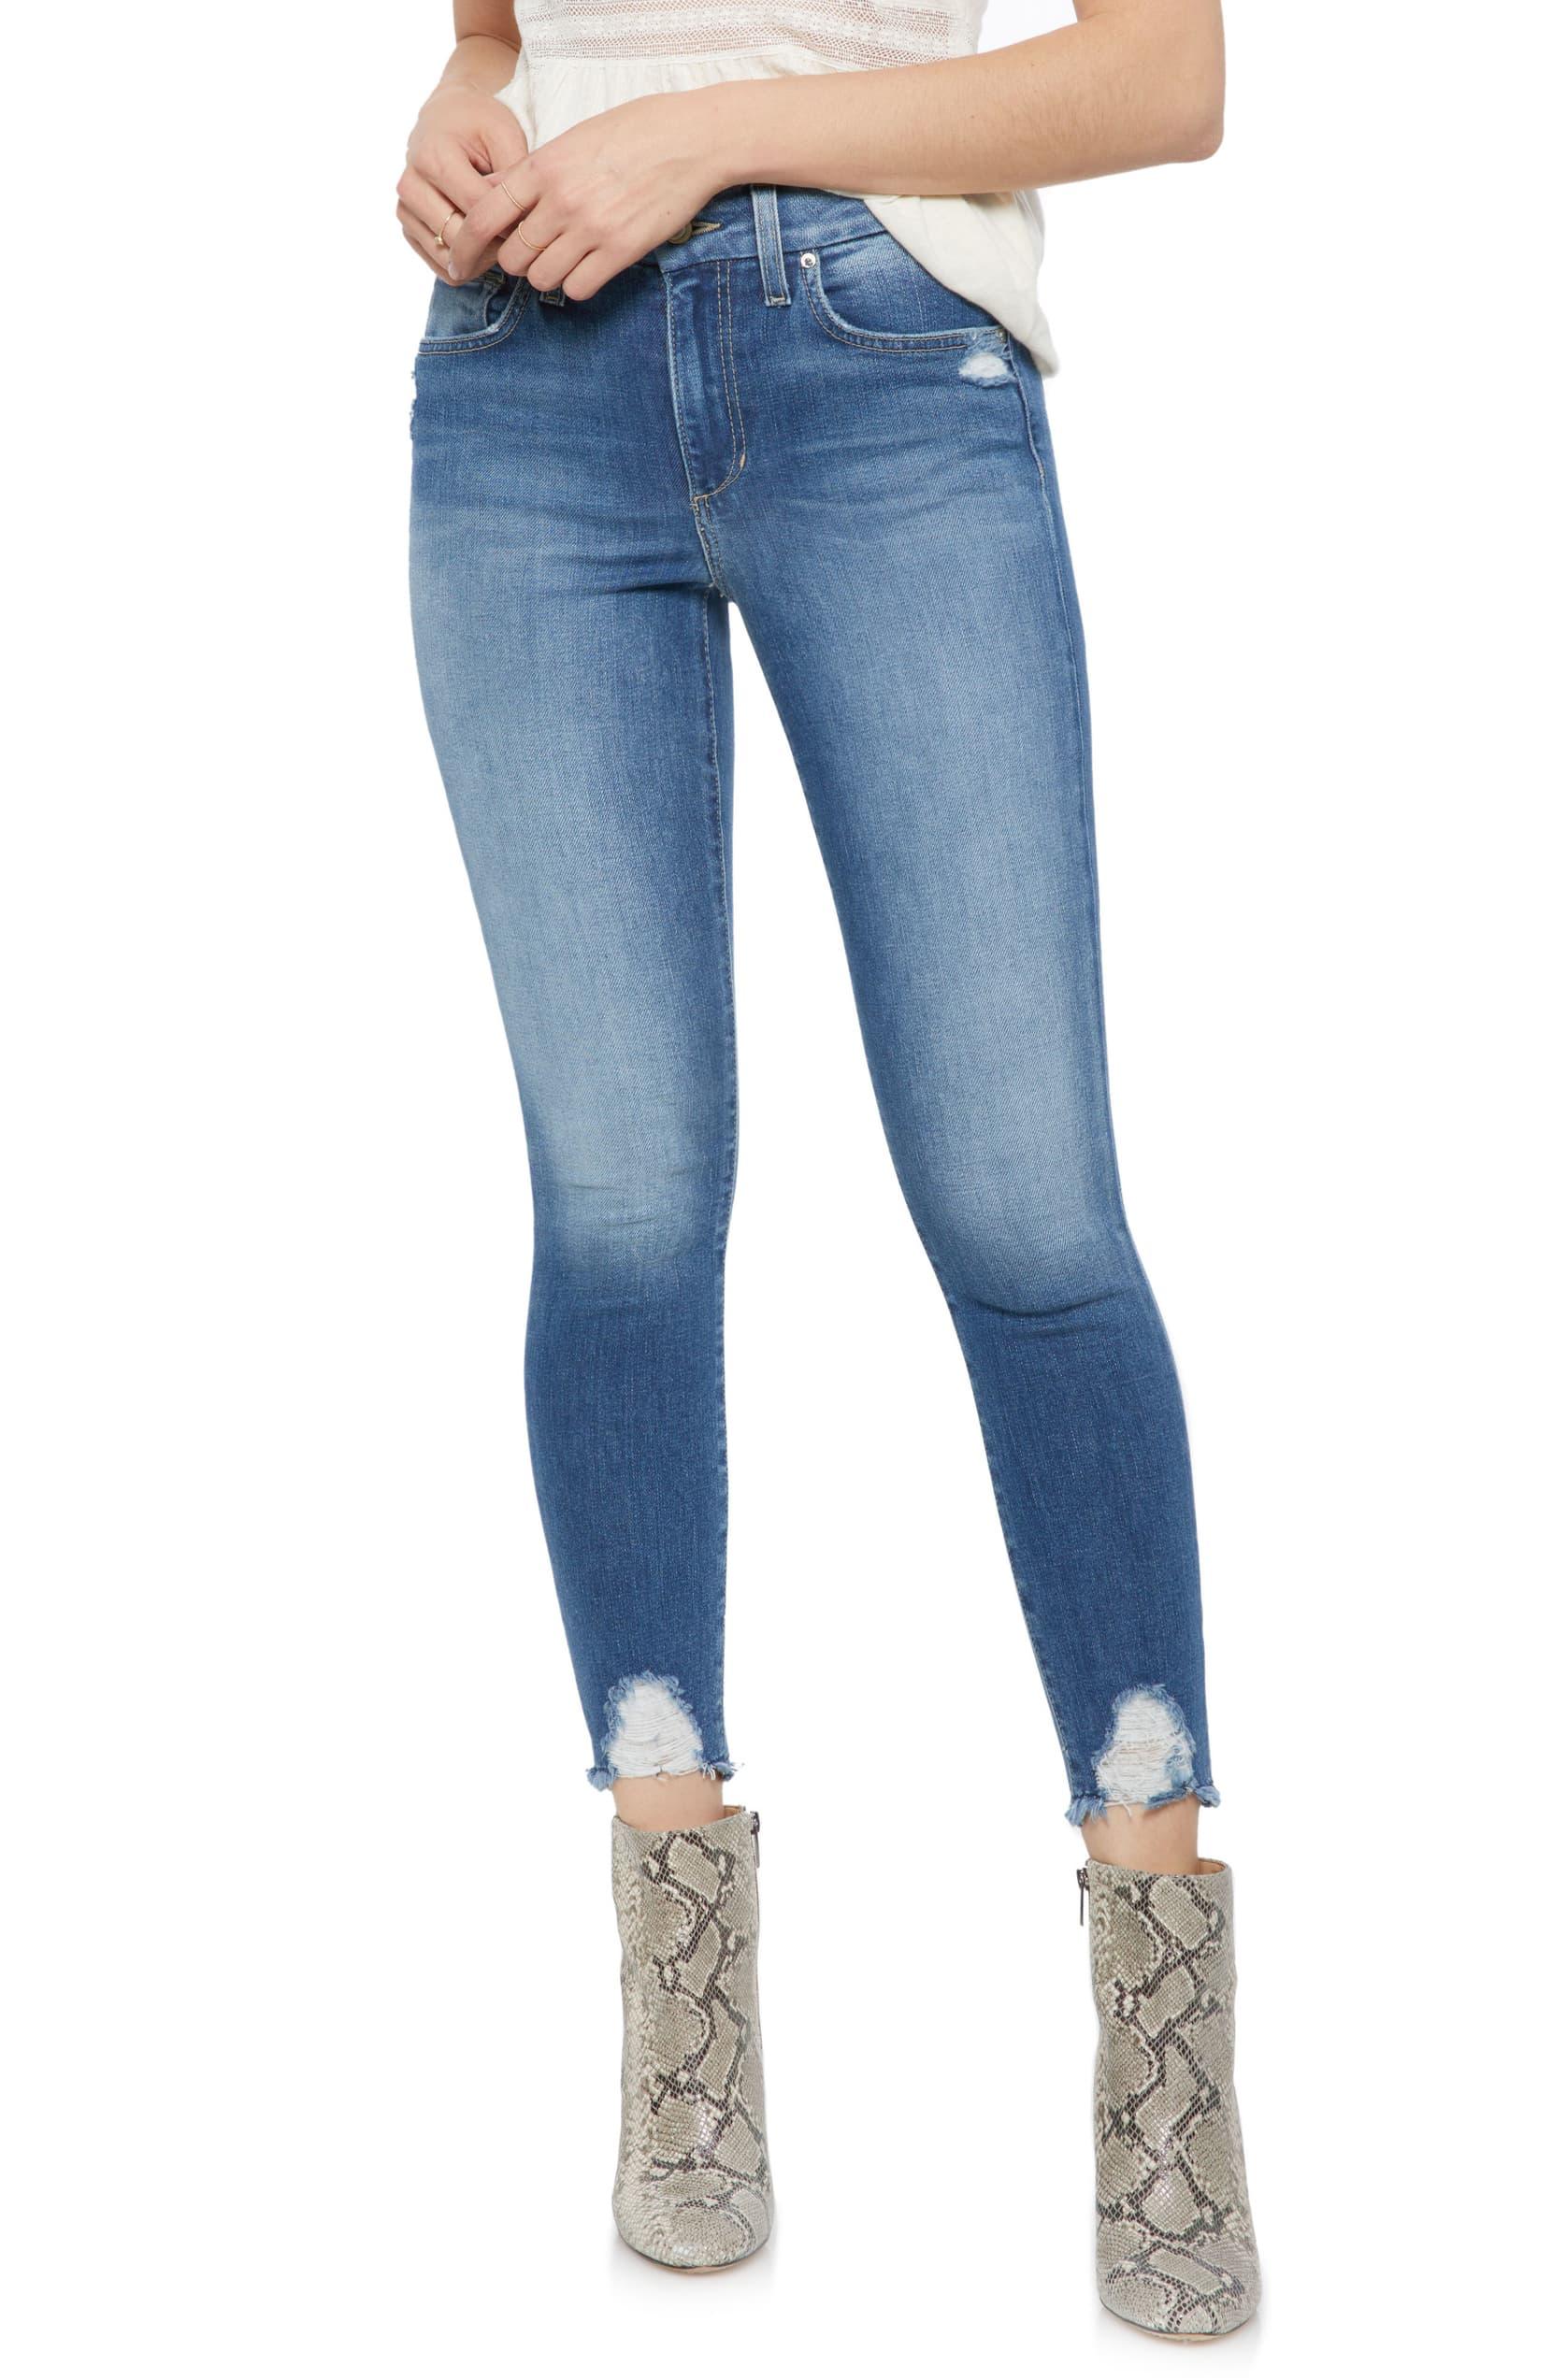 Joe/'sHigh Waist Crop Skinny JeansBlue